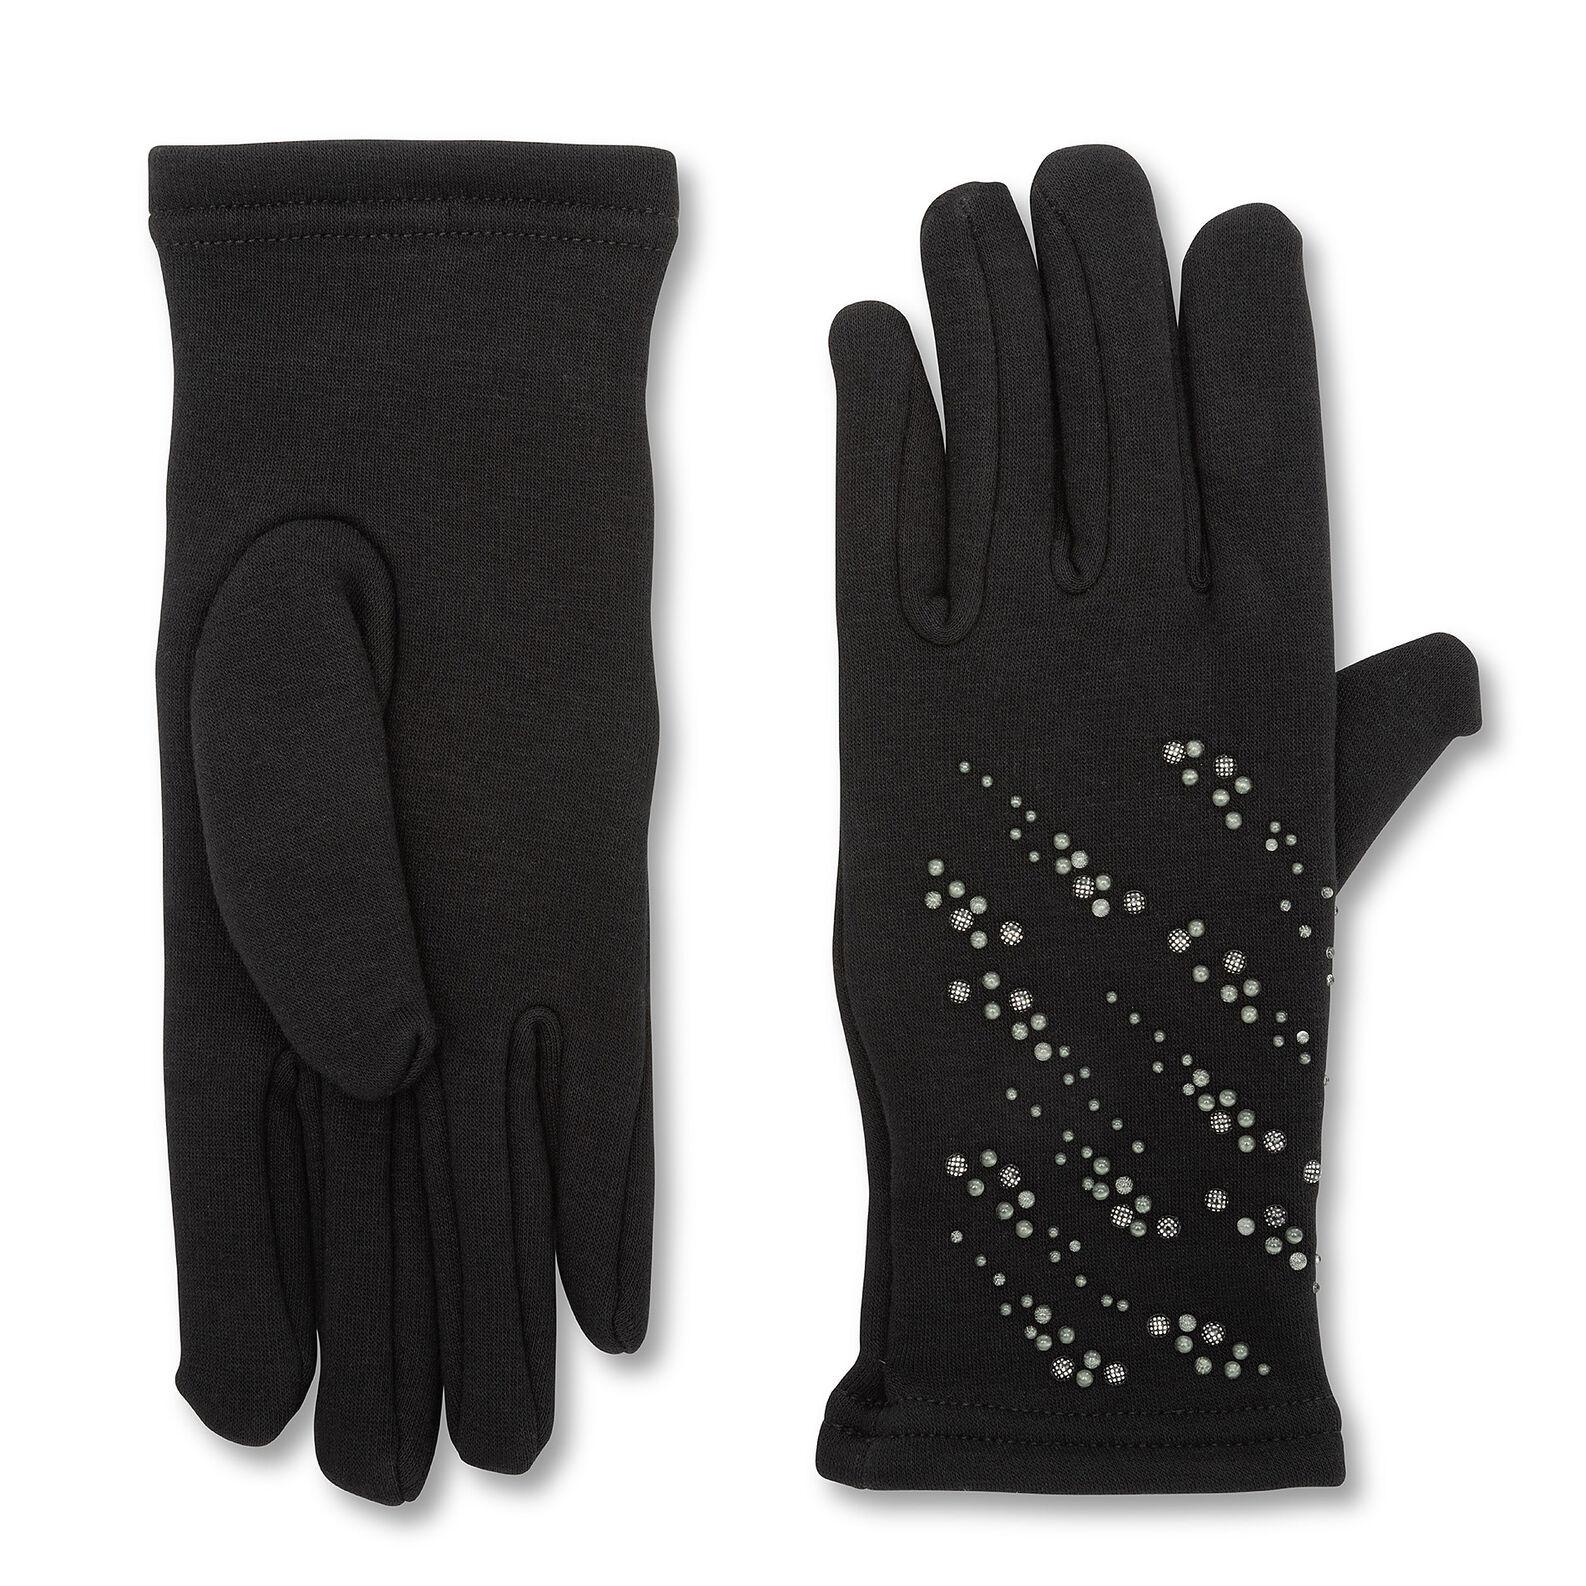 Koan gloves with silver motifs